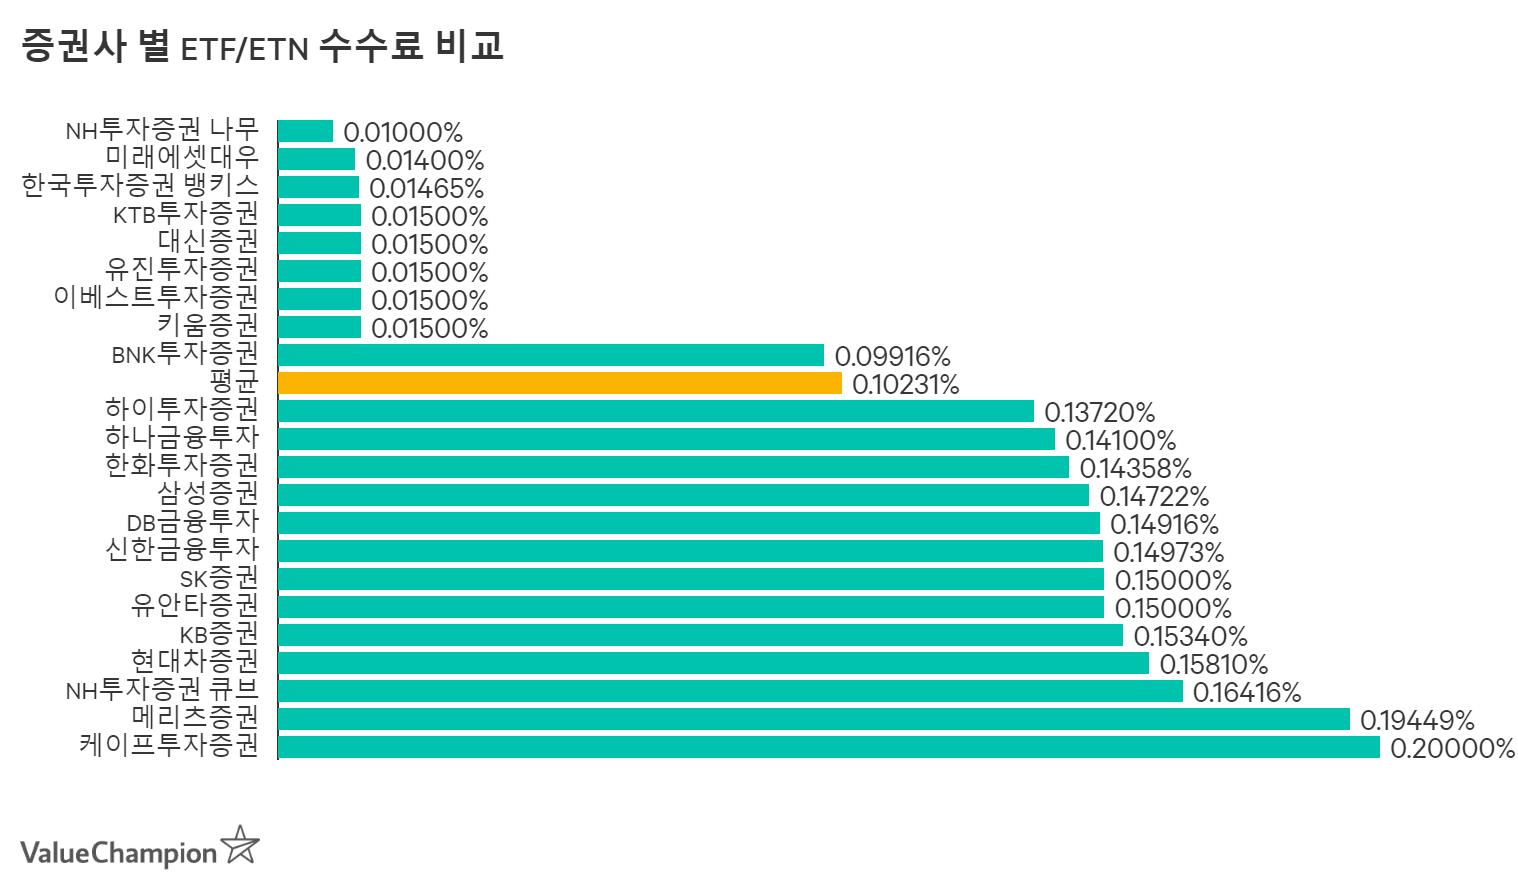 증권사 별 ETF/ETN 수수료 비교